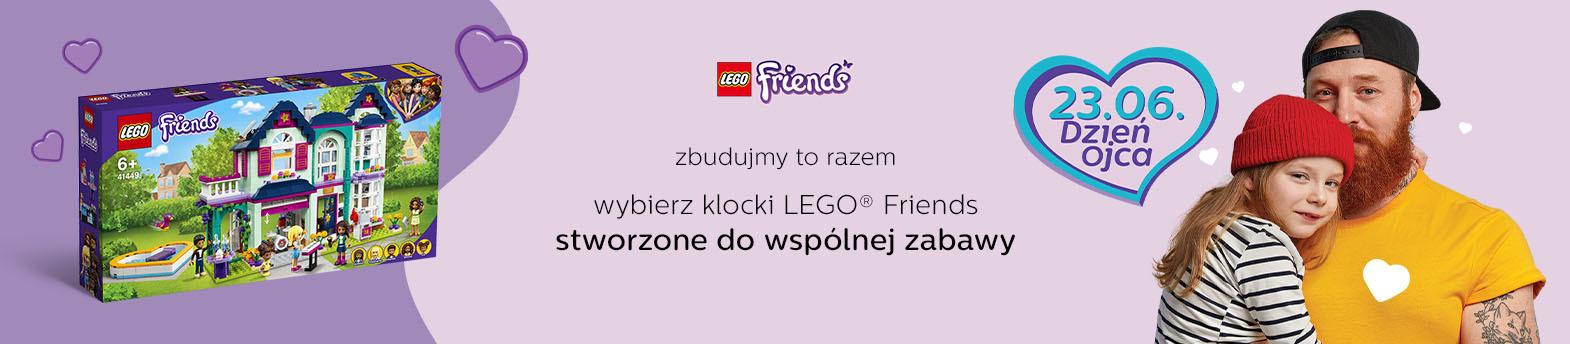 wspólna zabawa z LEGO® Friends